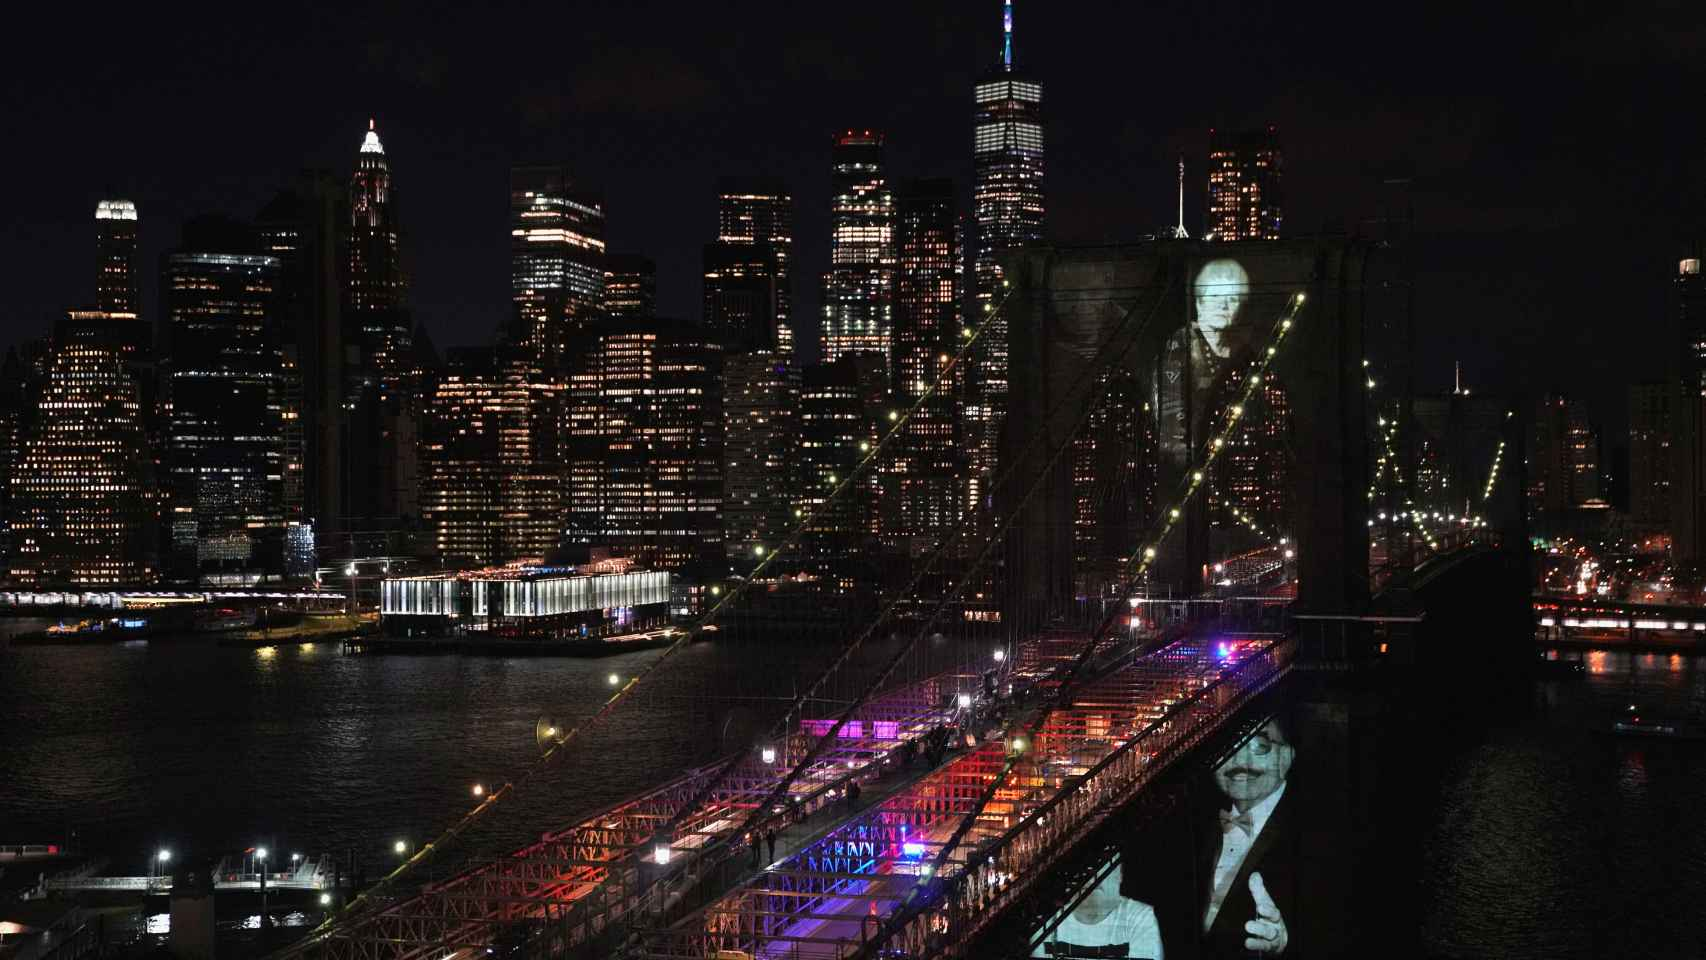 Imágenes de los fallecidos por la Covid proyectadas sobre el puente de Brooklyn, en Nueva York.